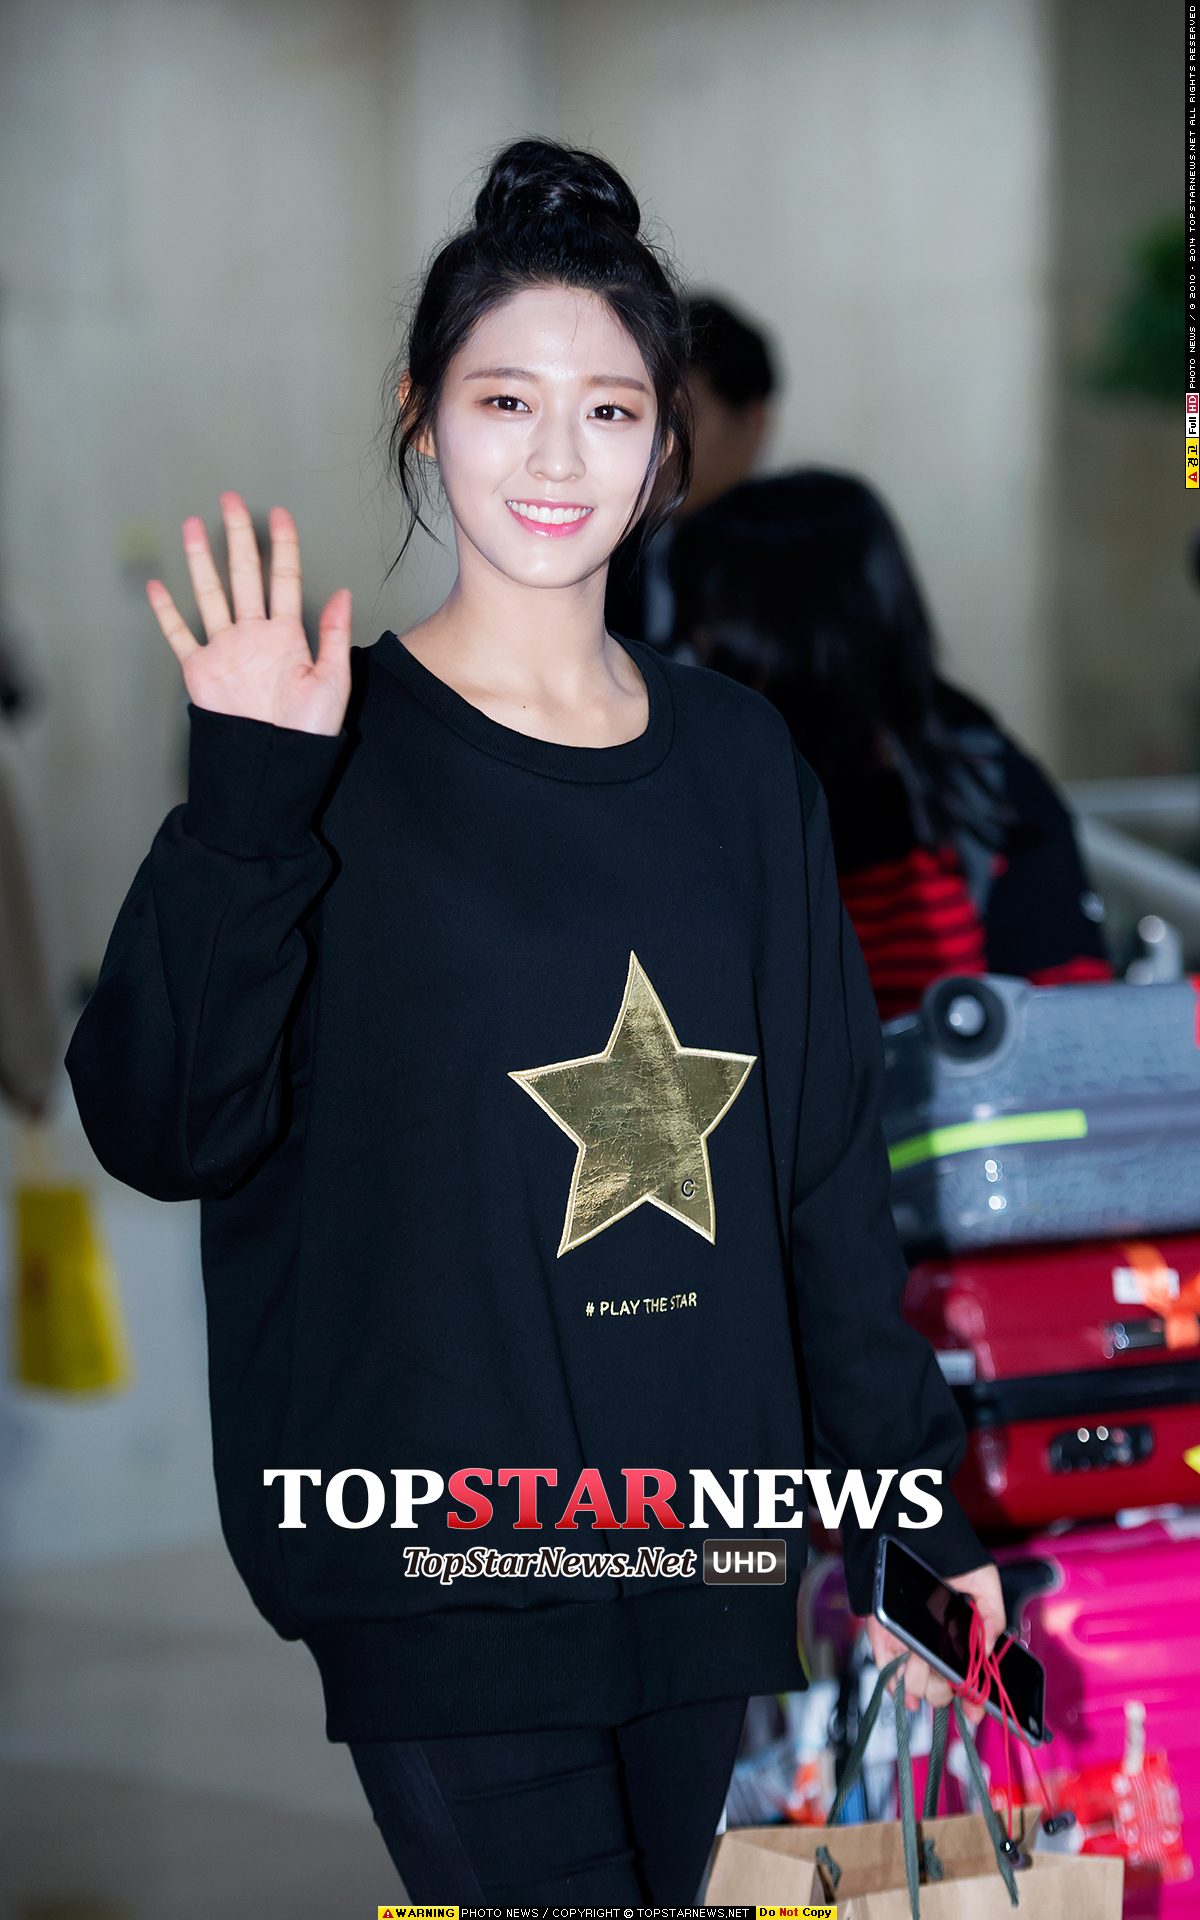 雪炫在機場被捕捉到身穿黑色的運動衫與緊身褲,簡單又舒適的搭配,可以說是懶人穿搭法的第一招~